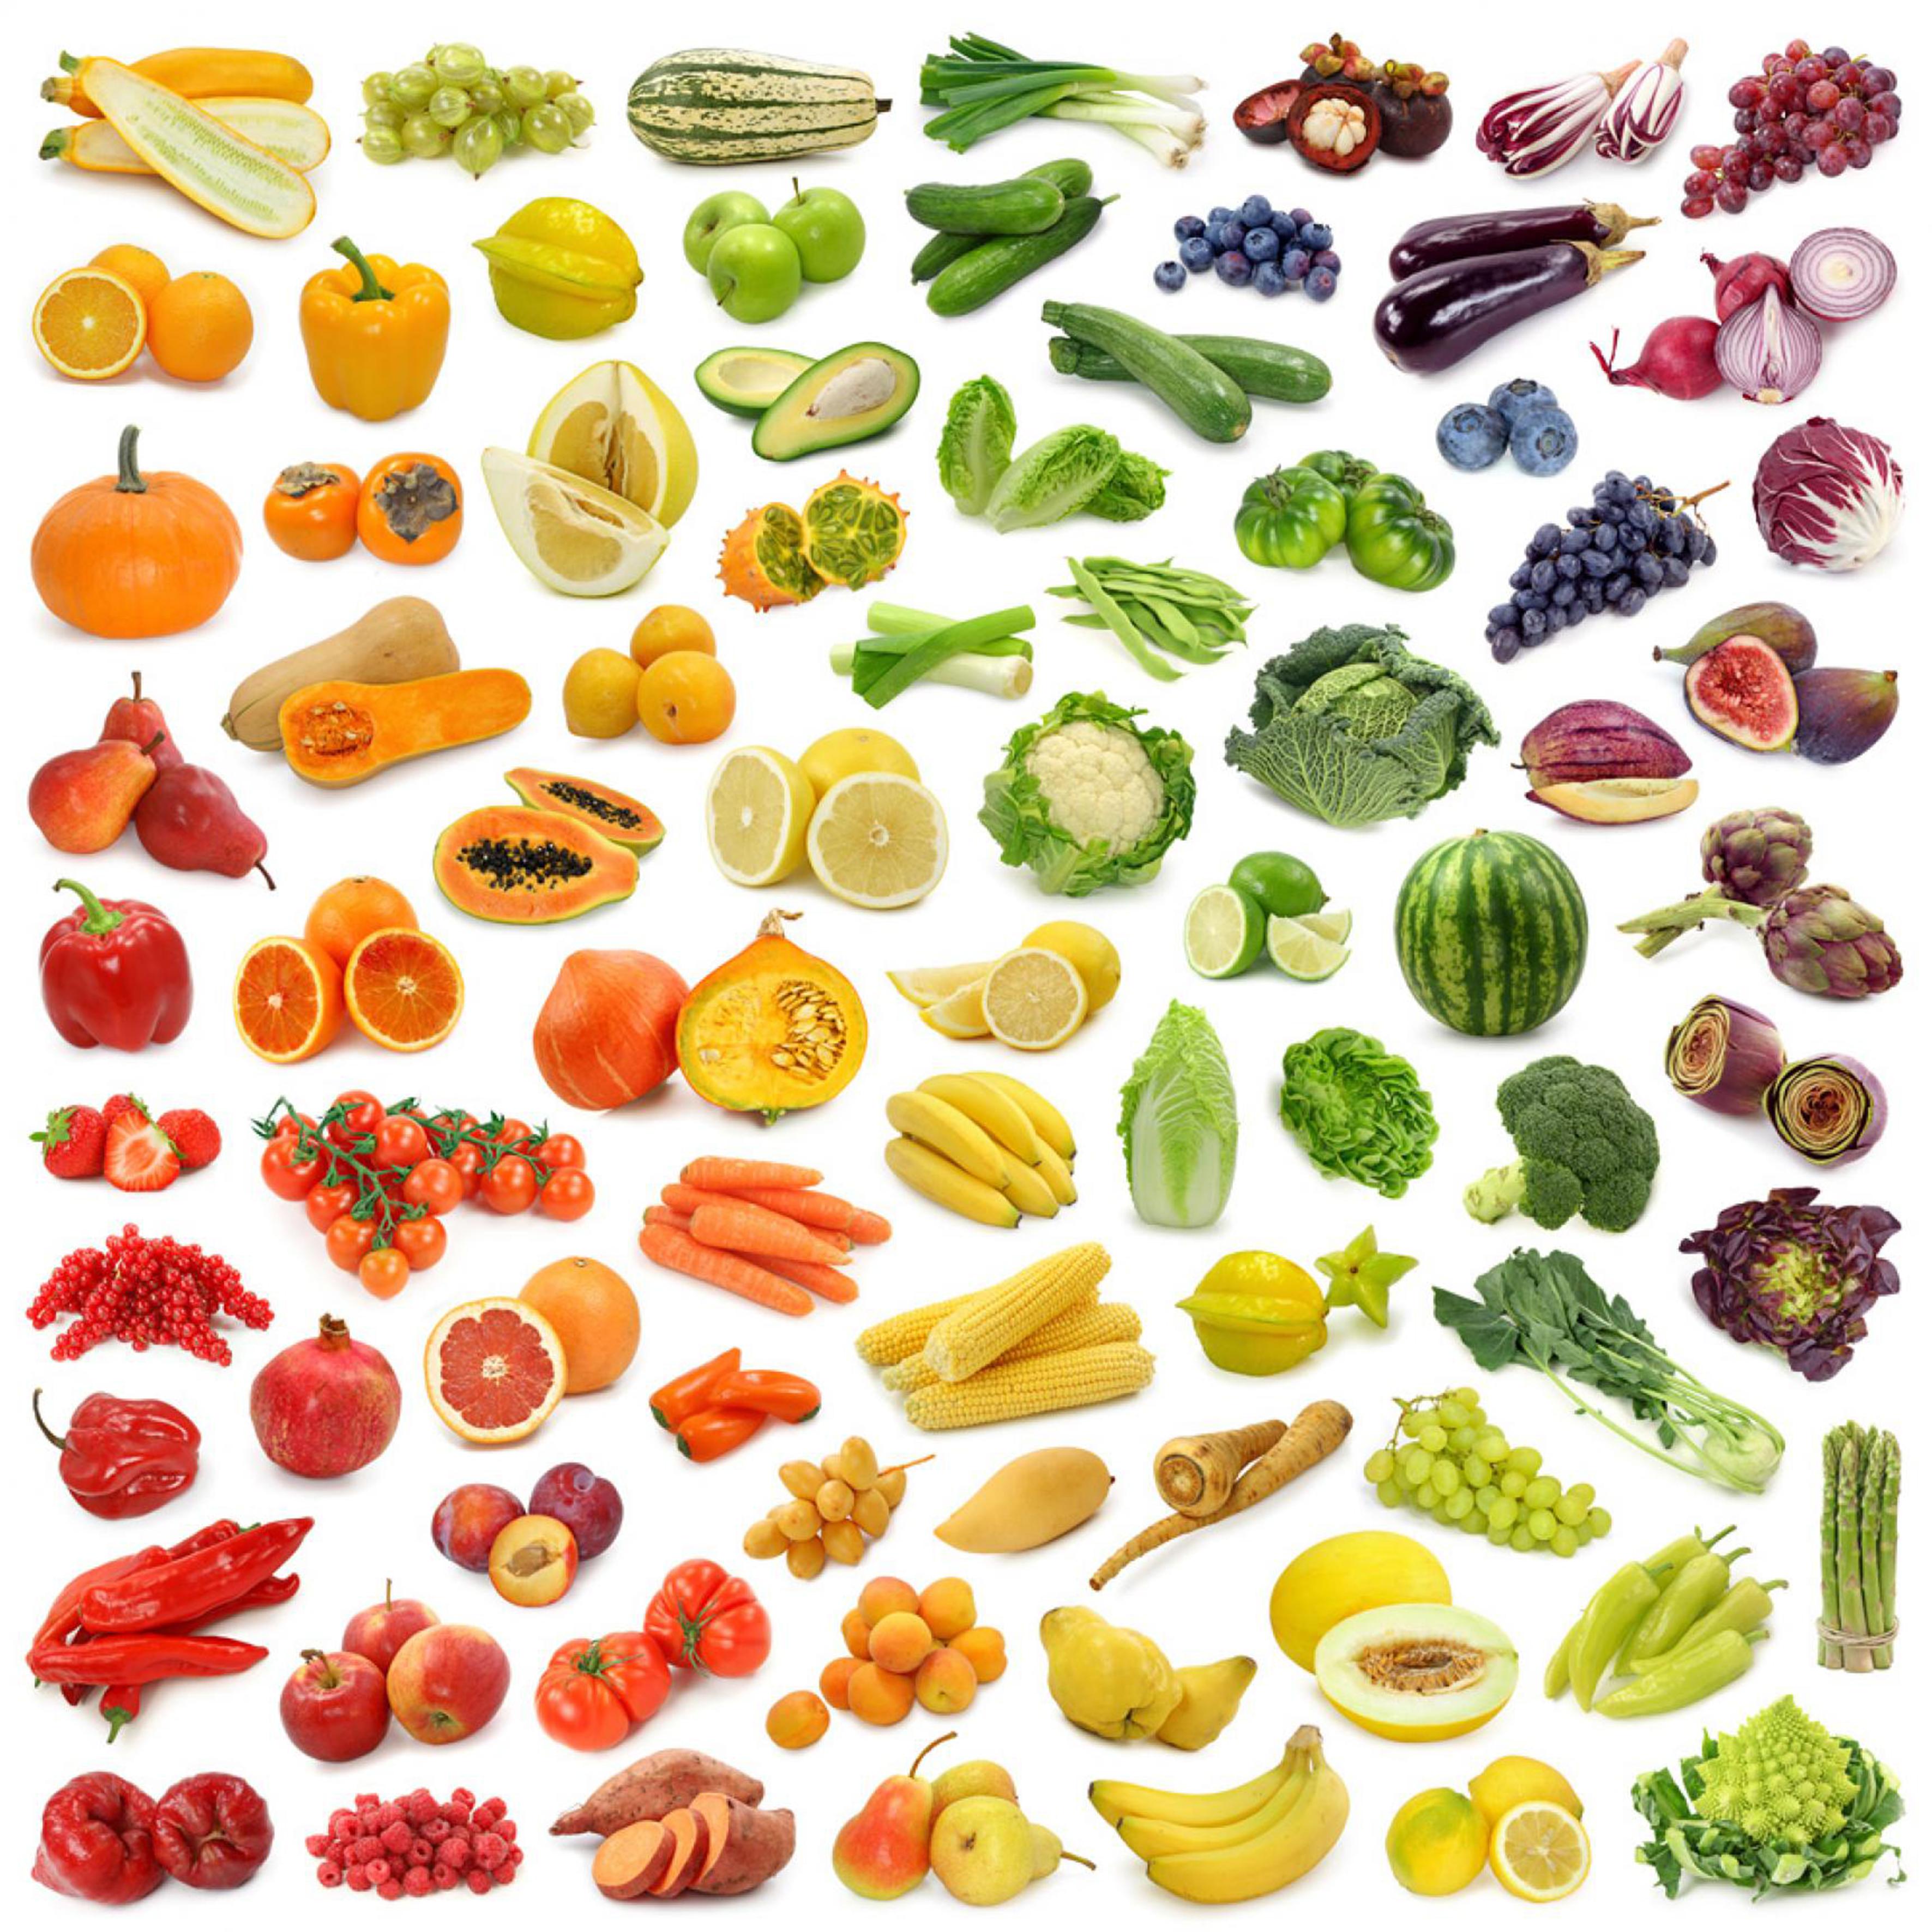 Frutta e verdura di stagione consigli per ogni mese - Immagine di frutta e verdura ...